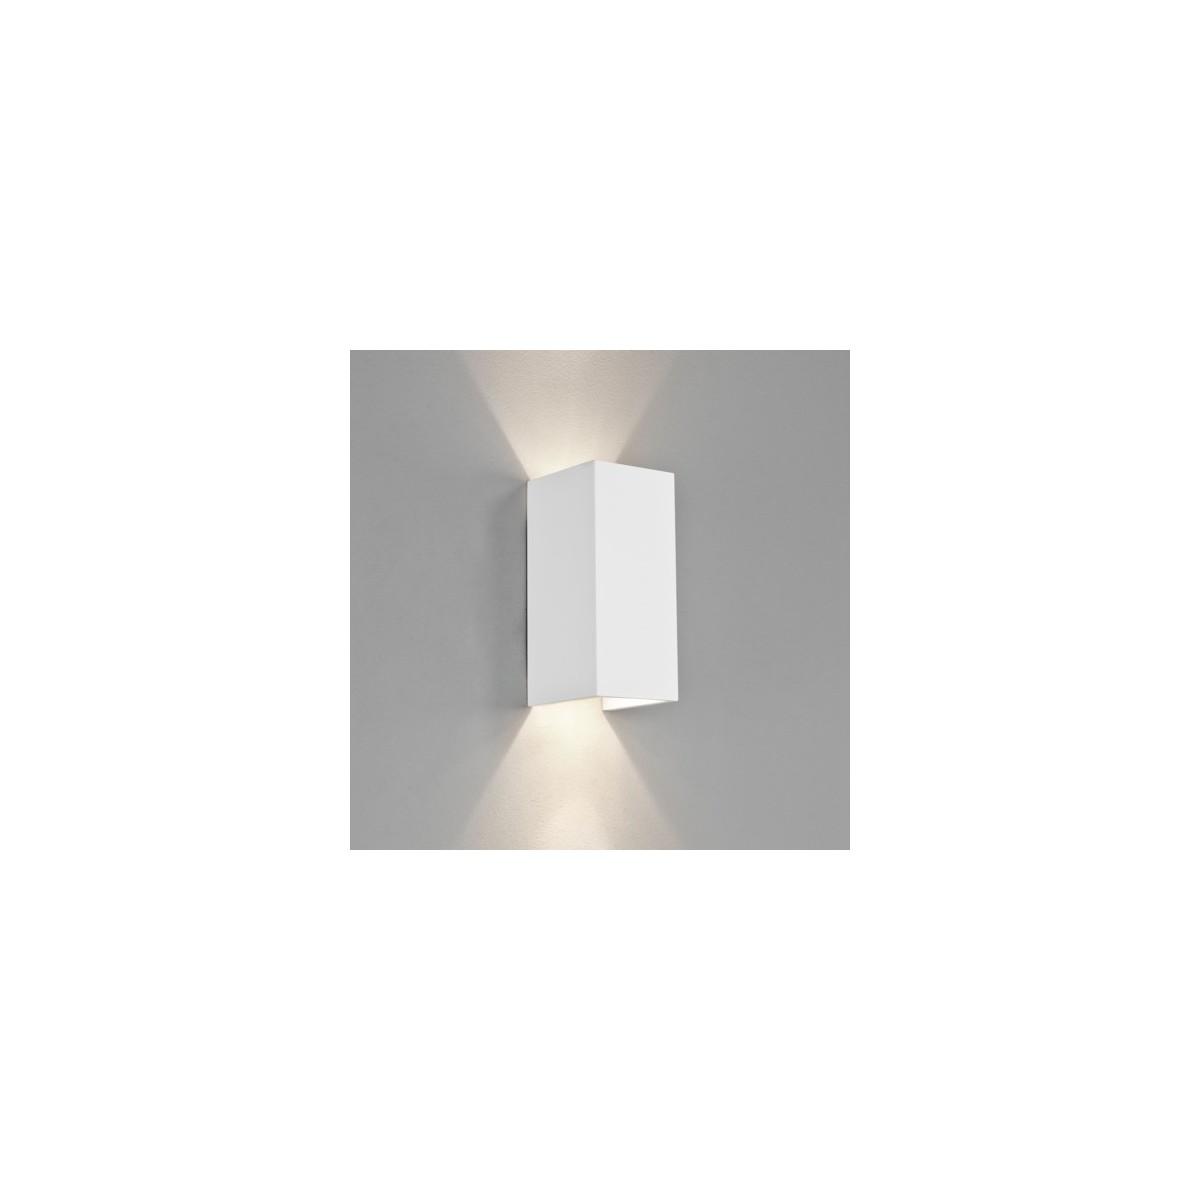 Astro Parma 210 Ścienna 2x6W Max LED GU10 Gips 1187003